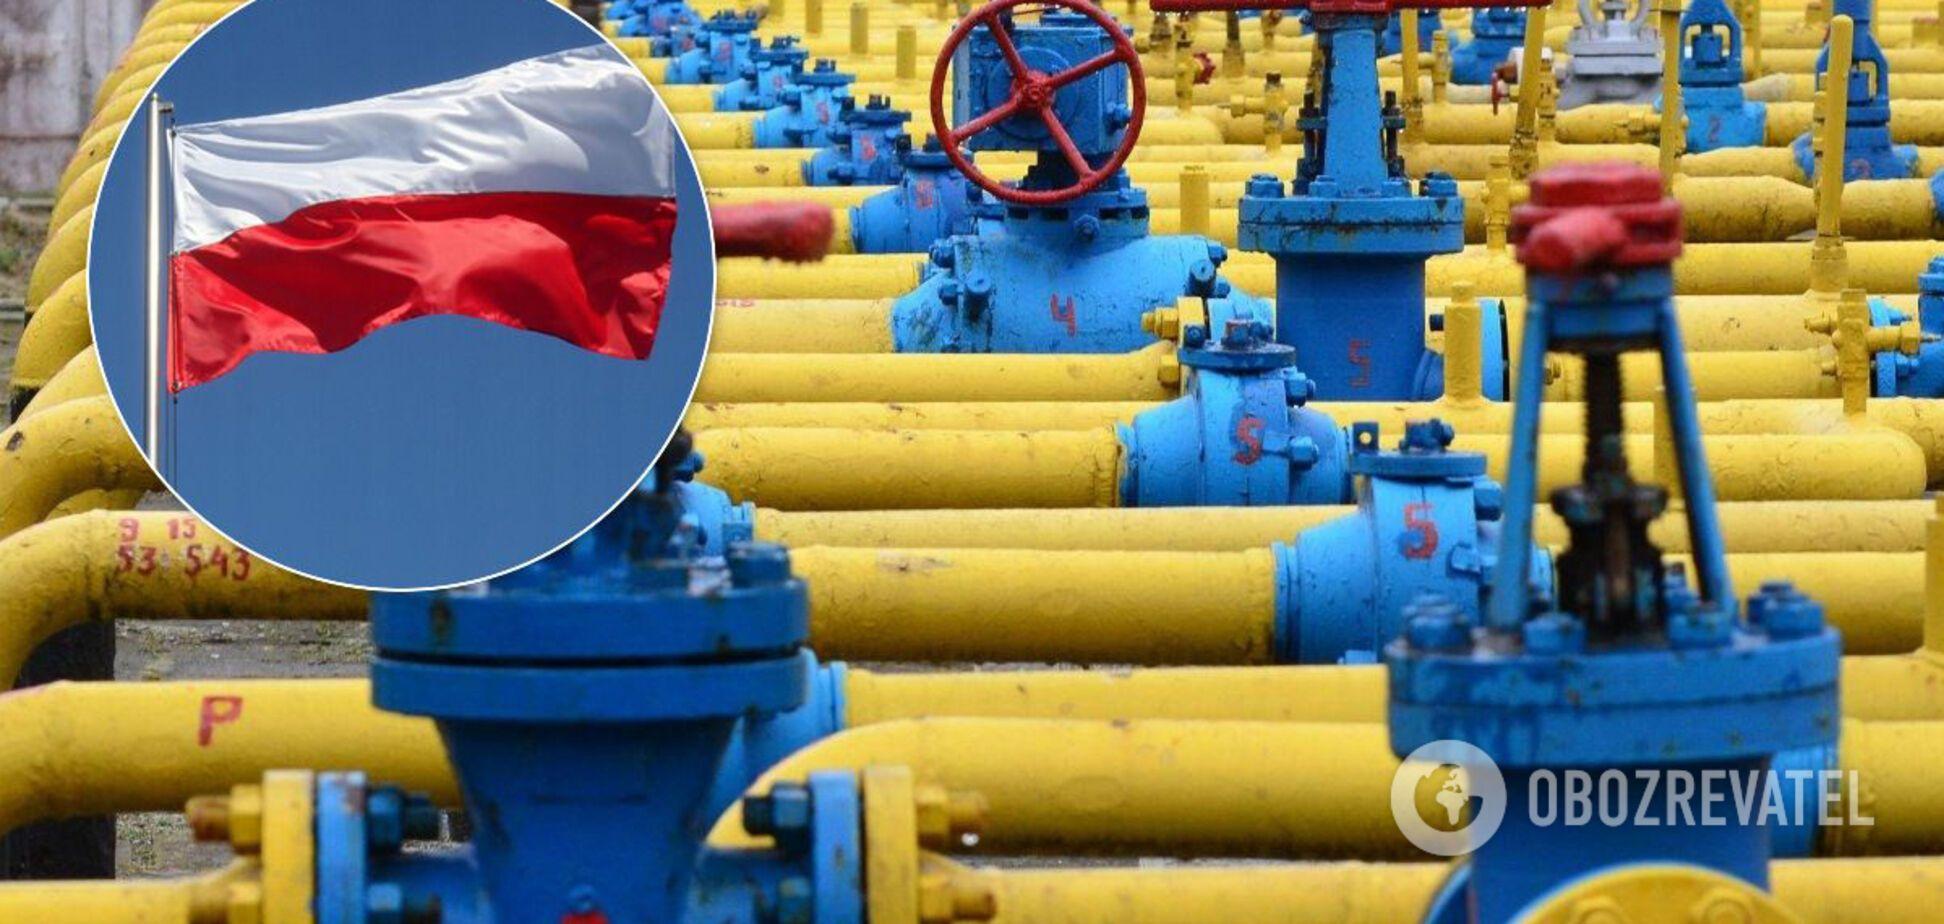 Польща відмовила Путіну у новій угоді з транзиту газу до Європи